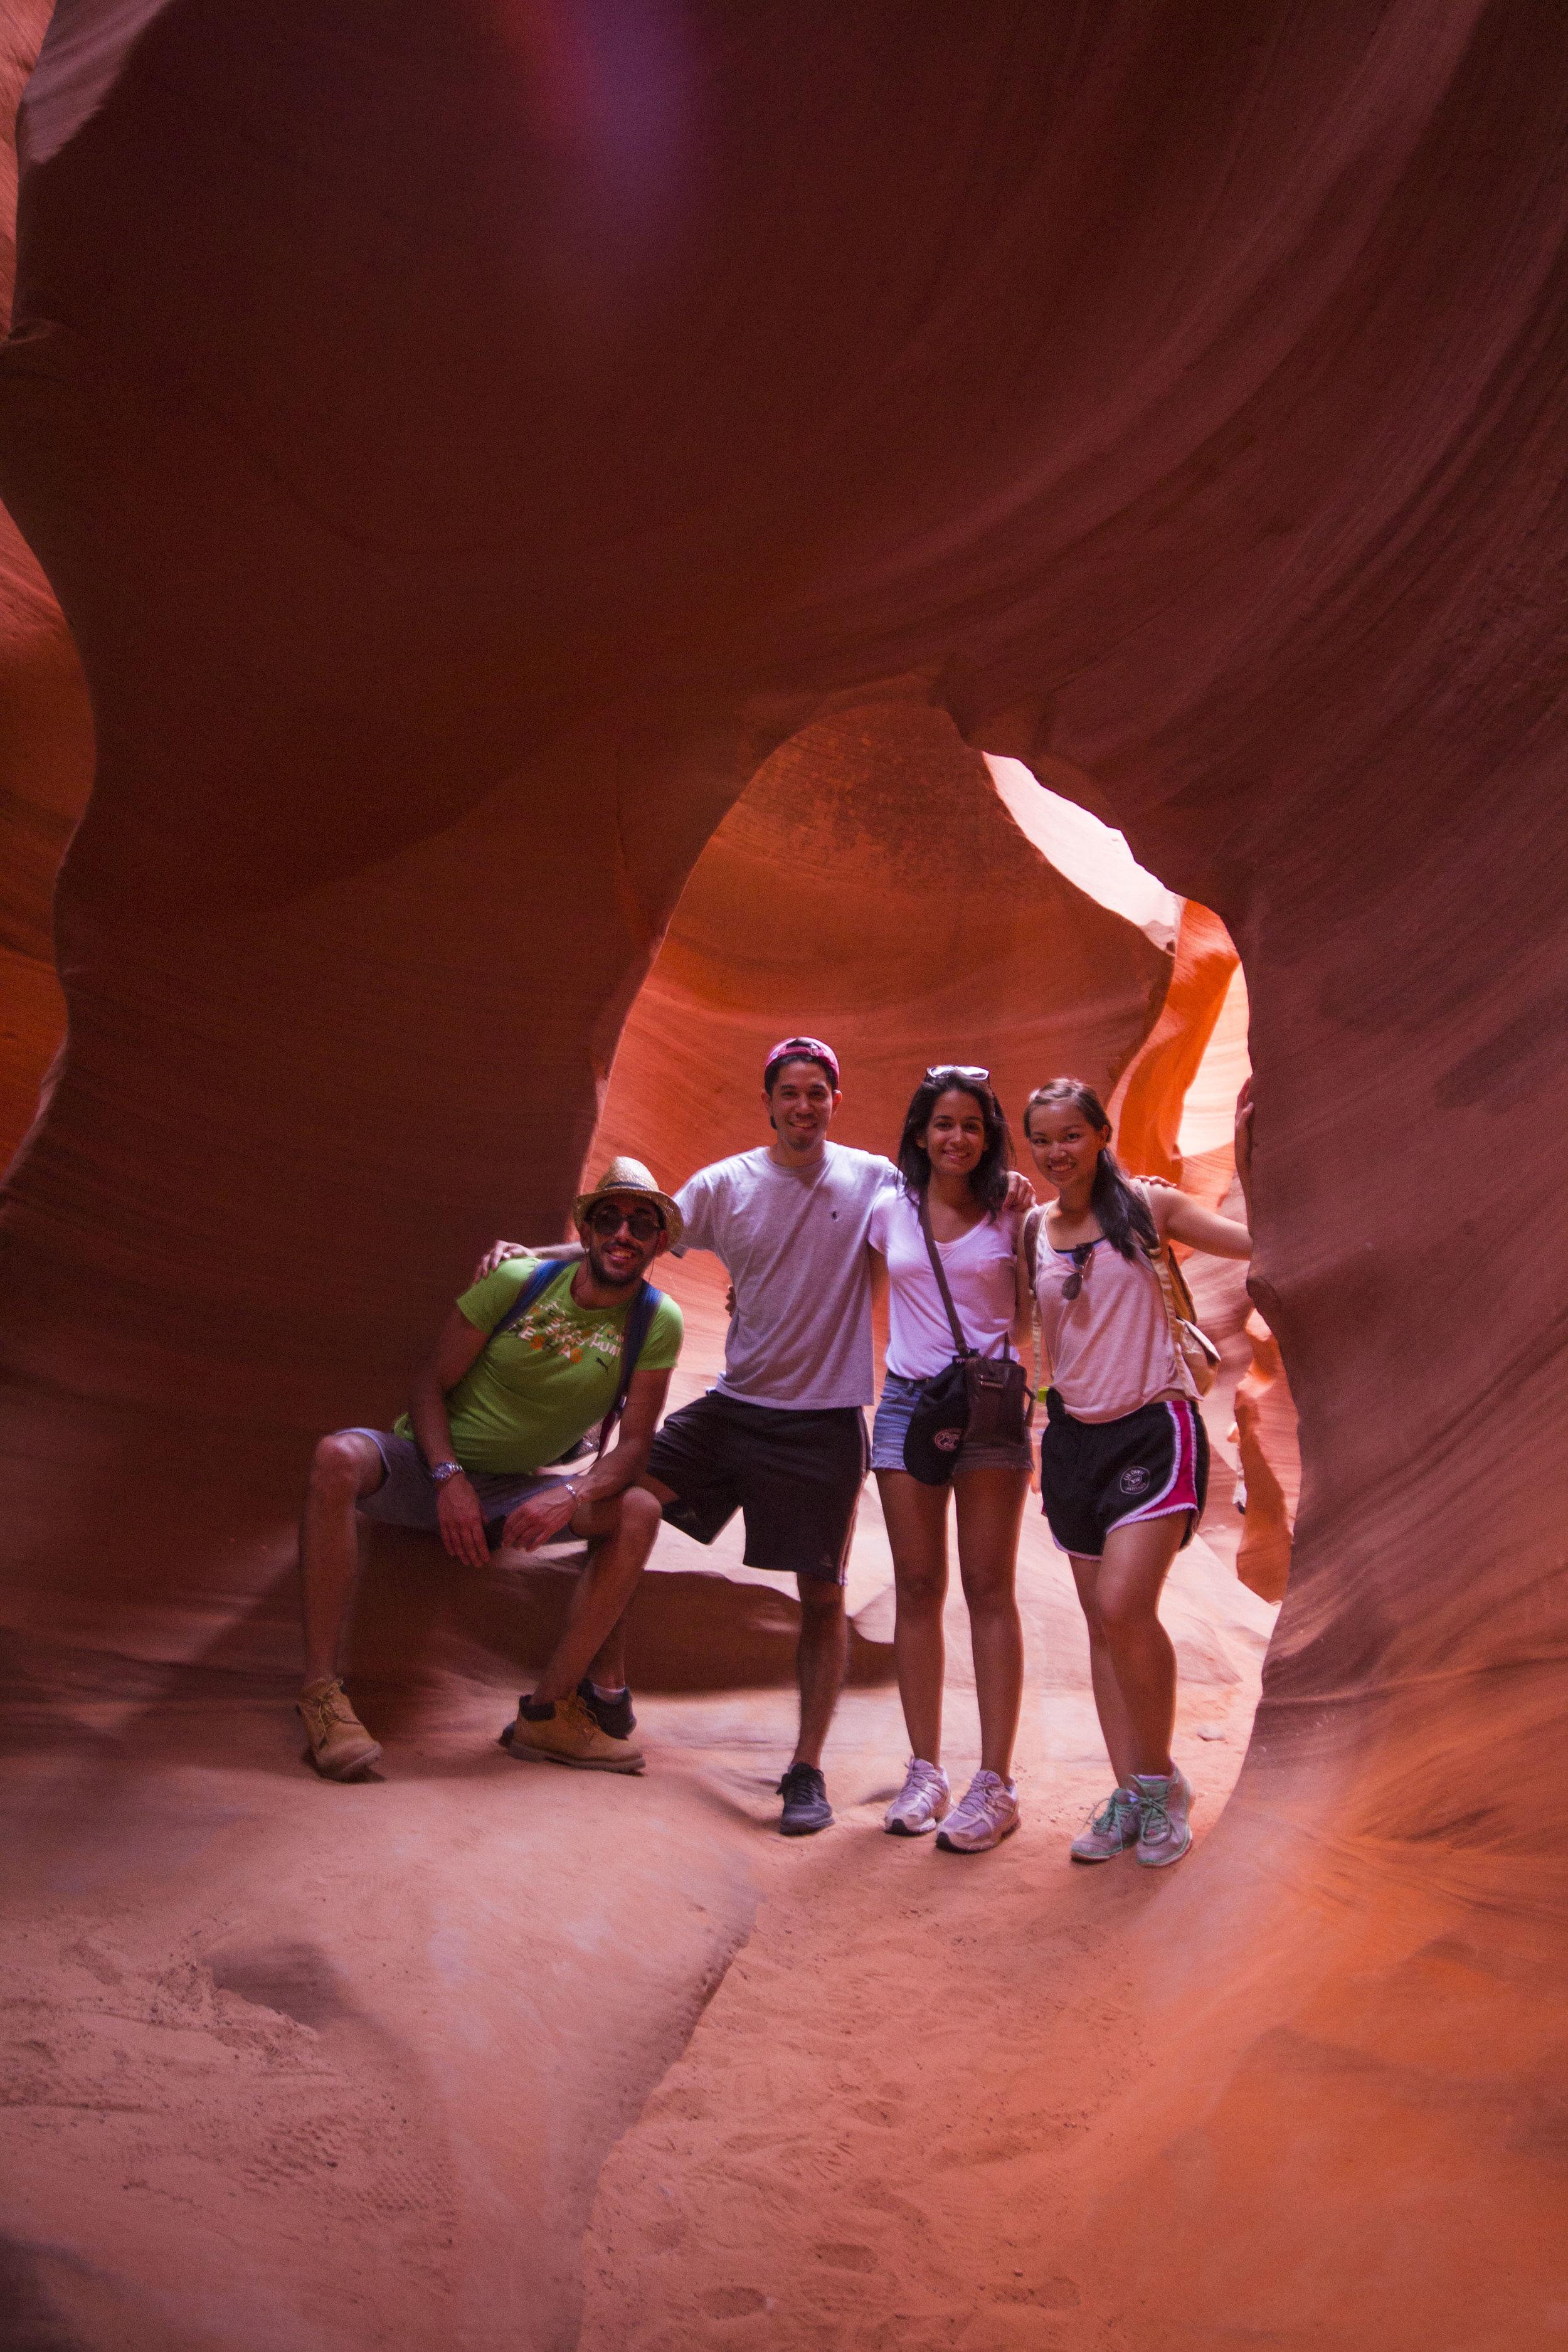 Antelope Canyon_090615_229.JPG